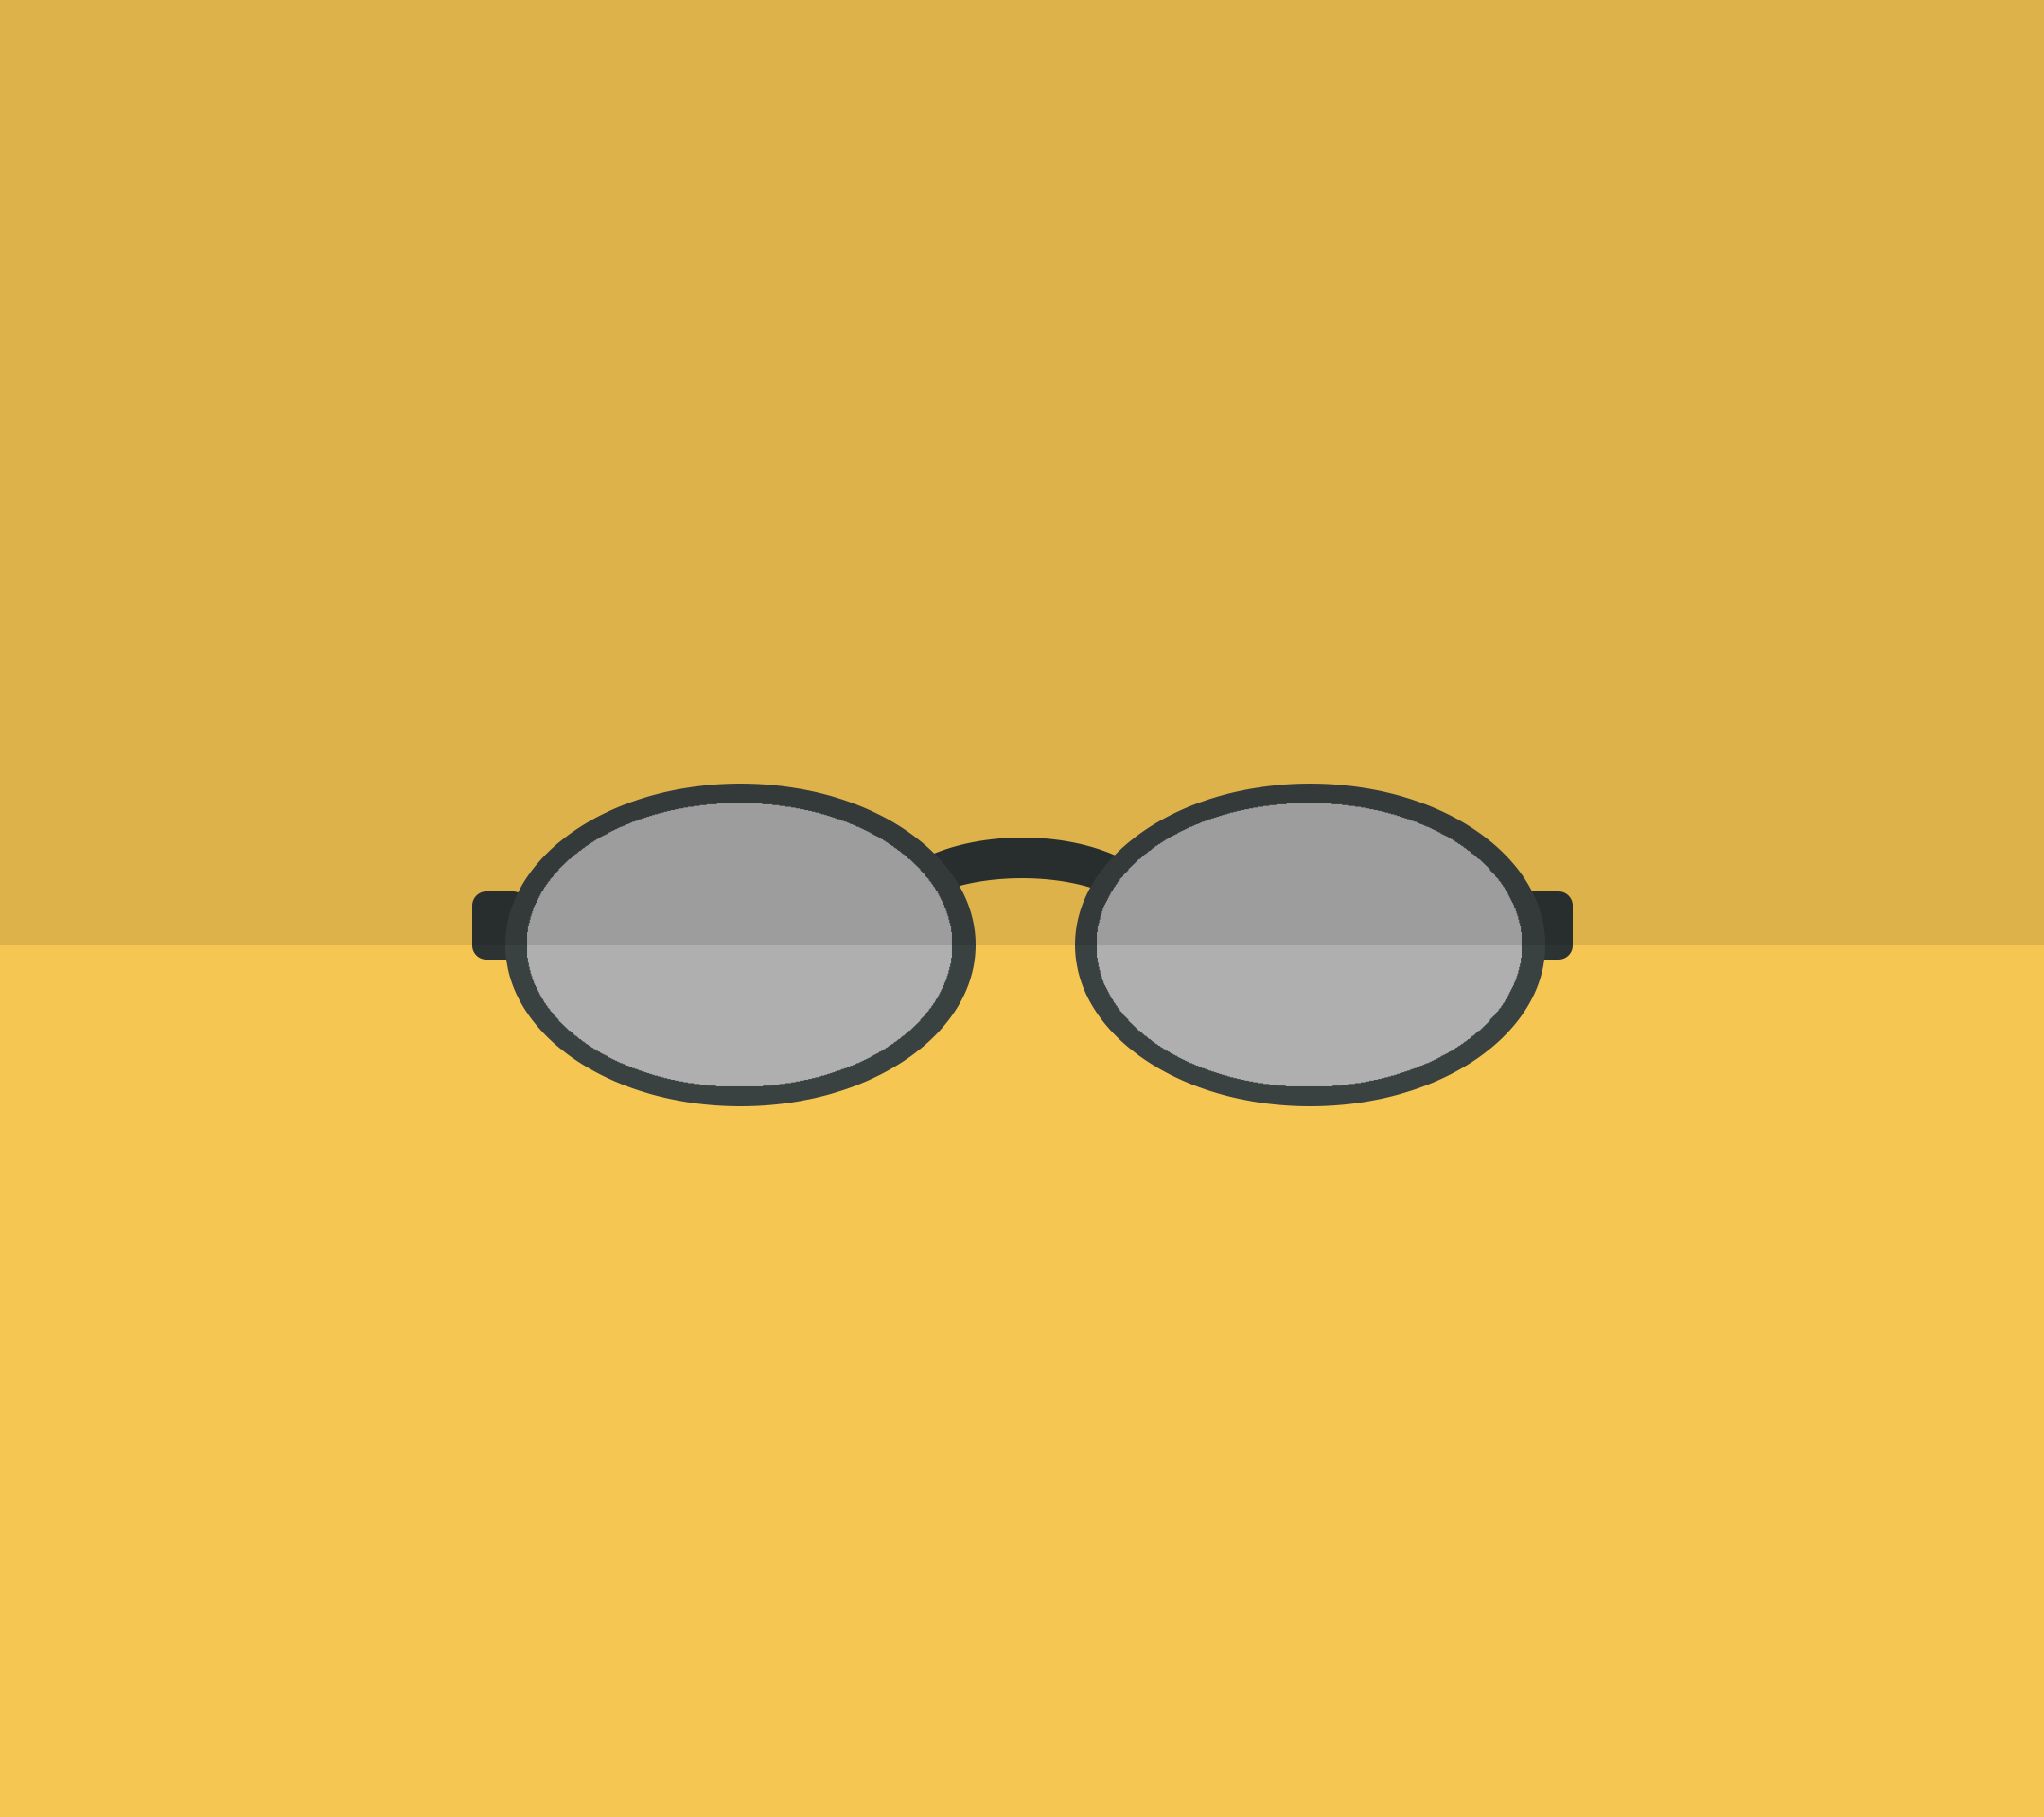 γυαλιά ηλίου, Κυρ, κρύσταλλα, Κίτρινο, γυαλιά οράσεως - Wallpapers HD - Professor-falken.com